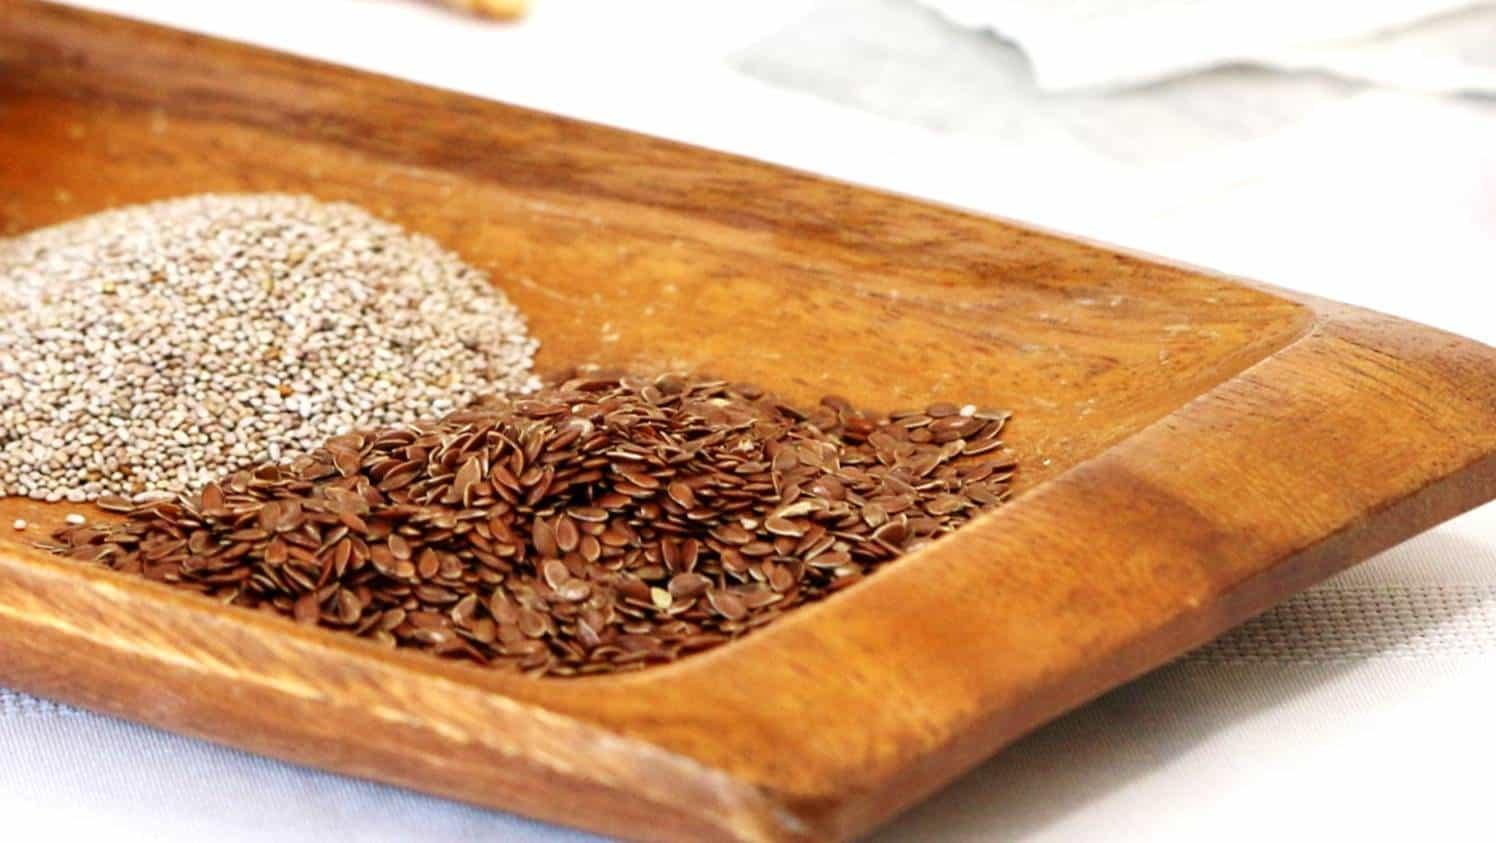 plateau en bois avec des graines de lin et de chia blanches